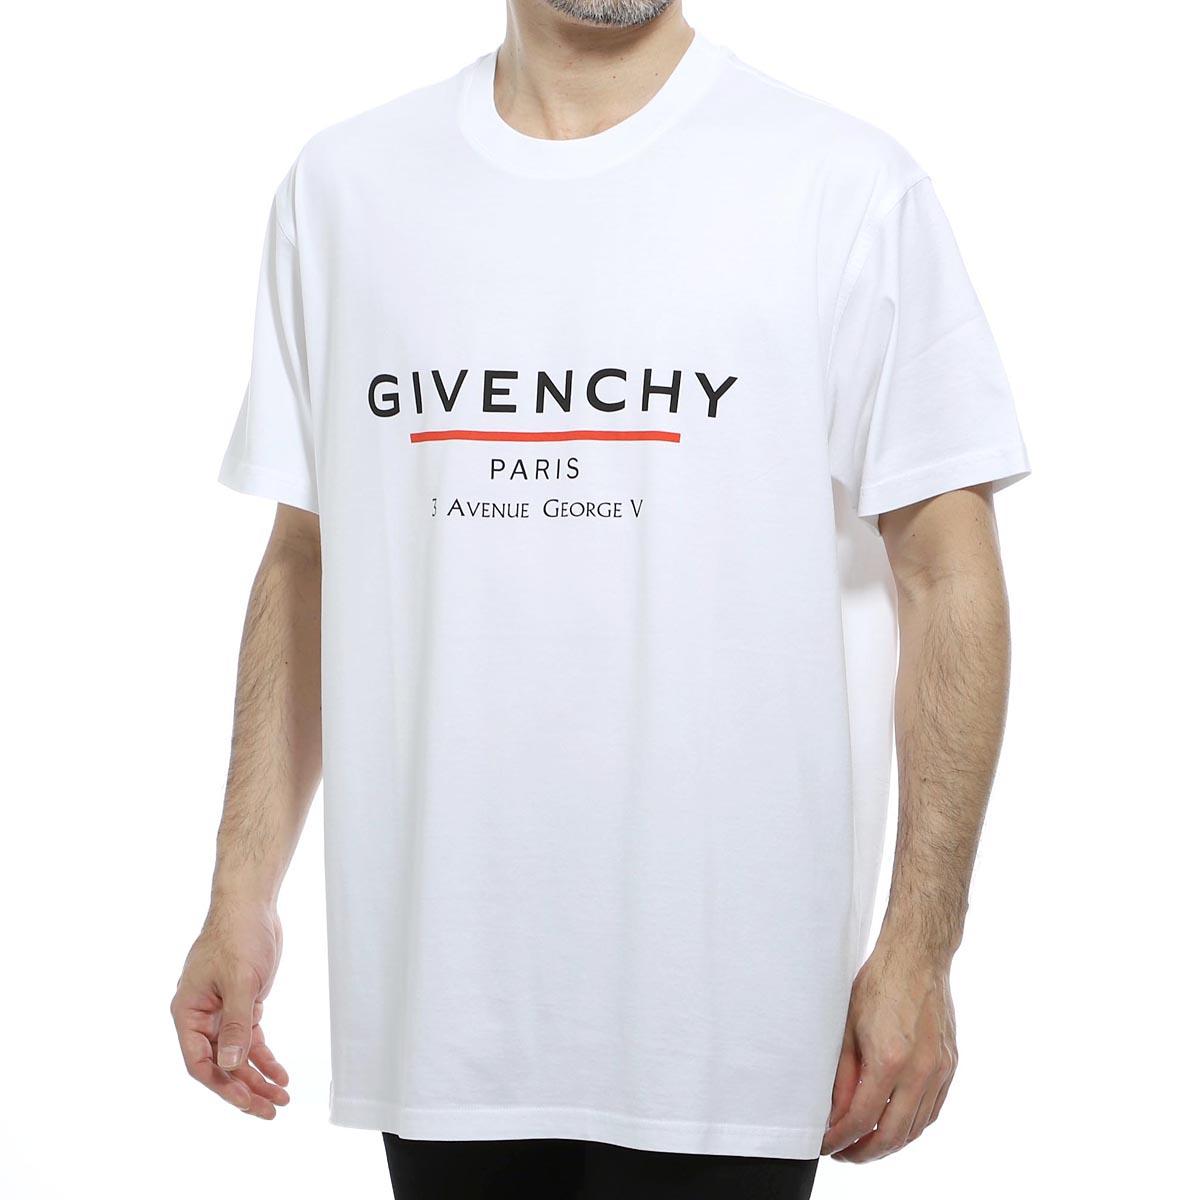 ジバンシー GIVENCHY クルーネックTシャツ ホワイト メンズ bm70u23002 100【あす楽対応_関東】【返品送料無料】【ラッピング無料】